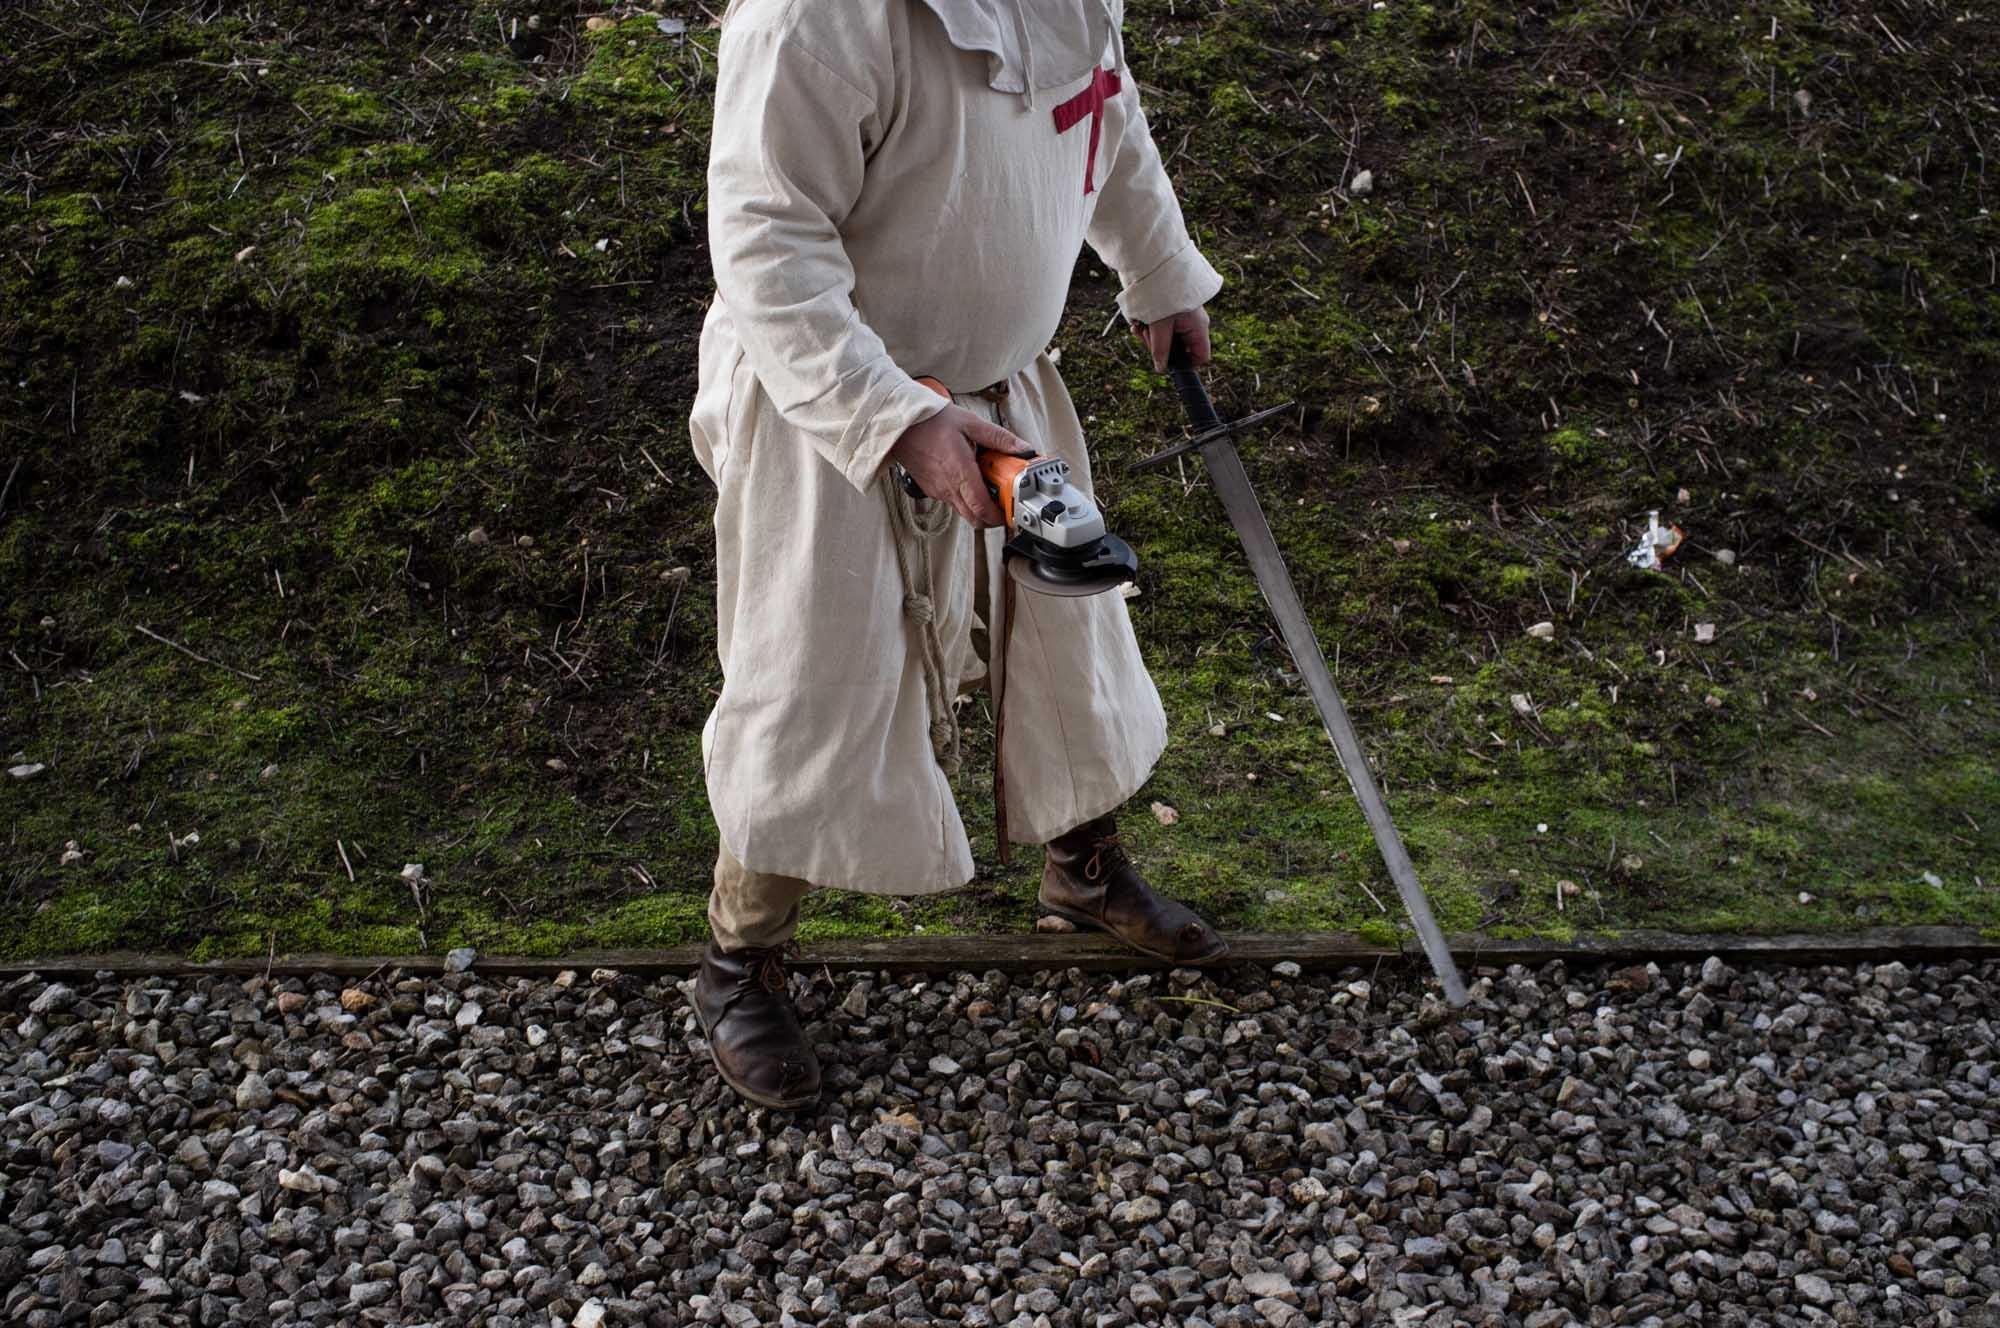 Un combattant habillé en costume de templier émousse son épée à deux mains pour qu'elle ne soit pas tranchante.